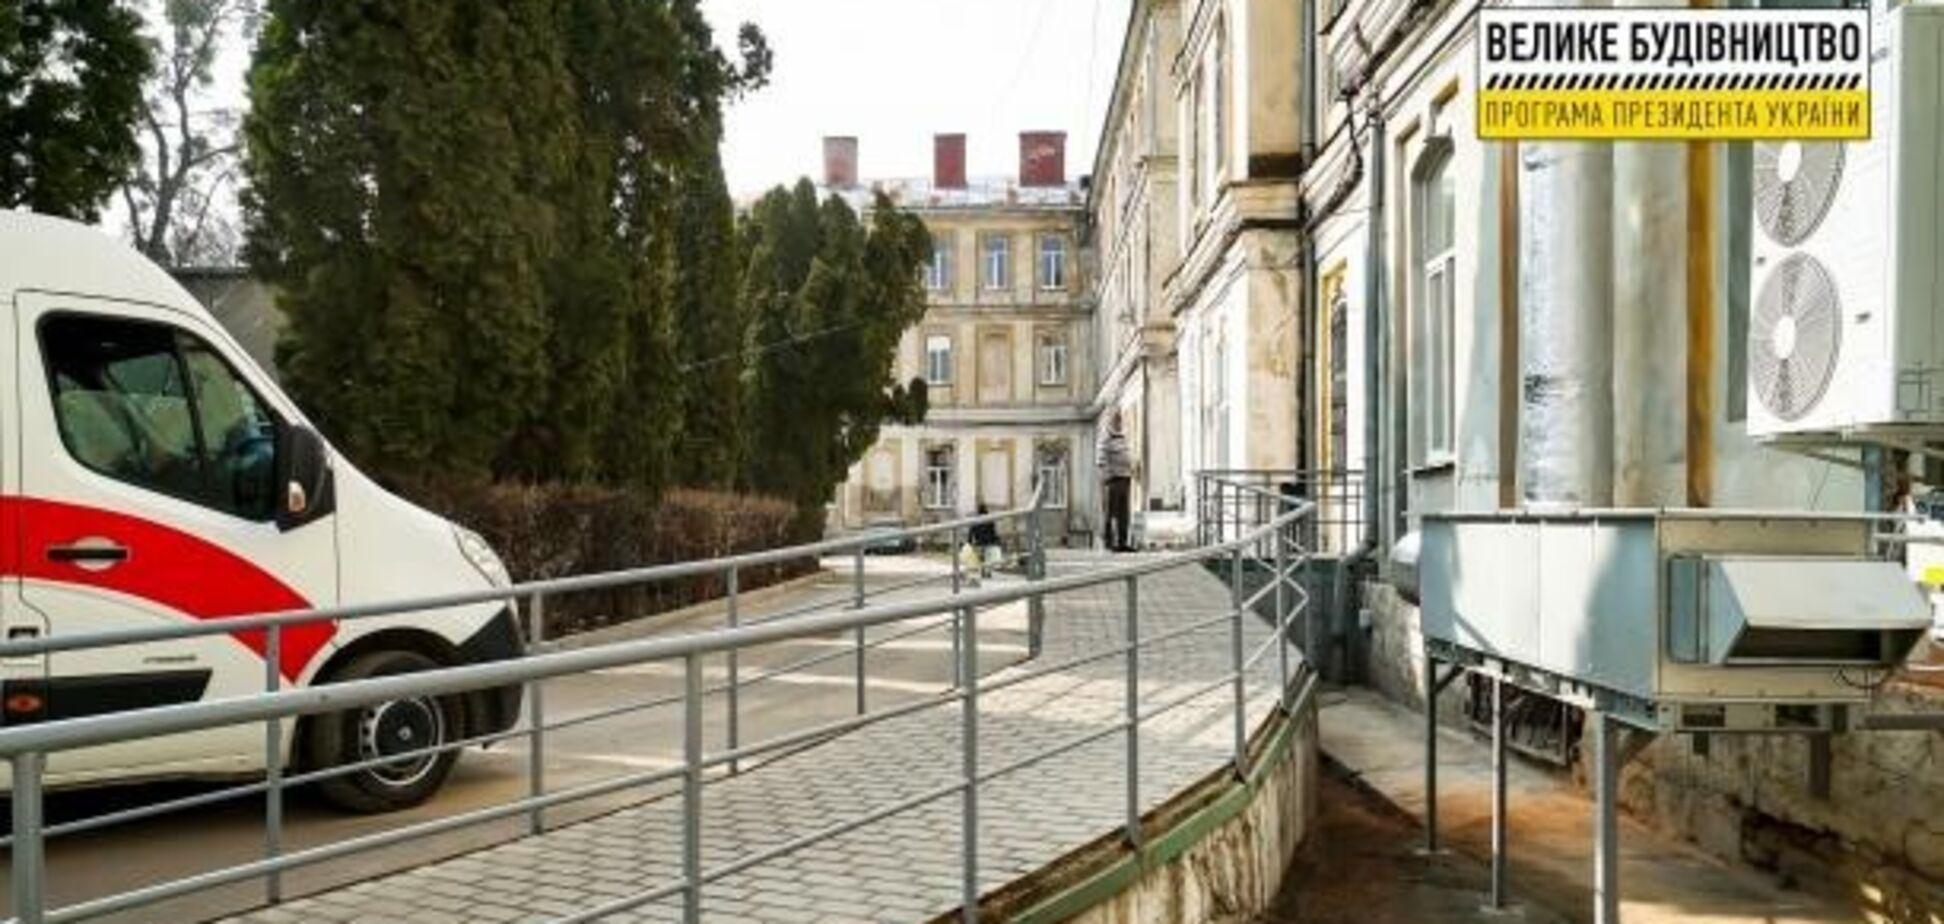 Приемное отделение Львовской областной клинической больницы было полностью модернизировано